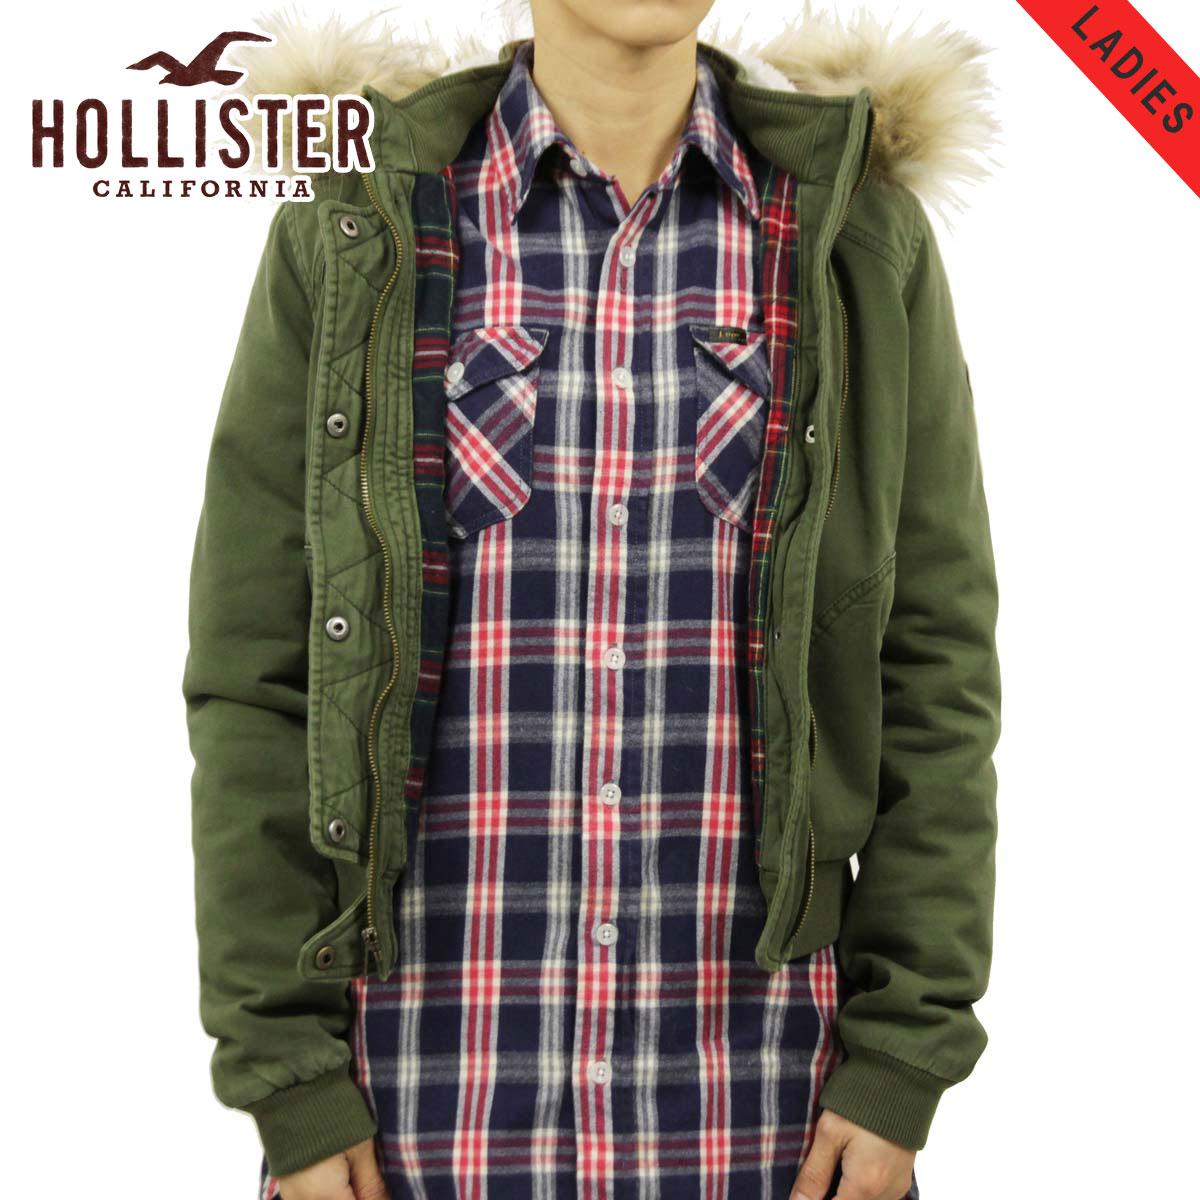 ホリスター HOLLISTER 正規品 レディース アウター ボンバージャケット Stretch Flannel-Lined Twill Bomber Jacket 344-445-0661-330